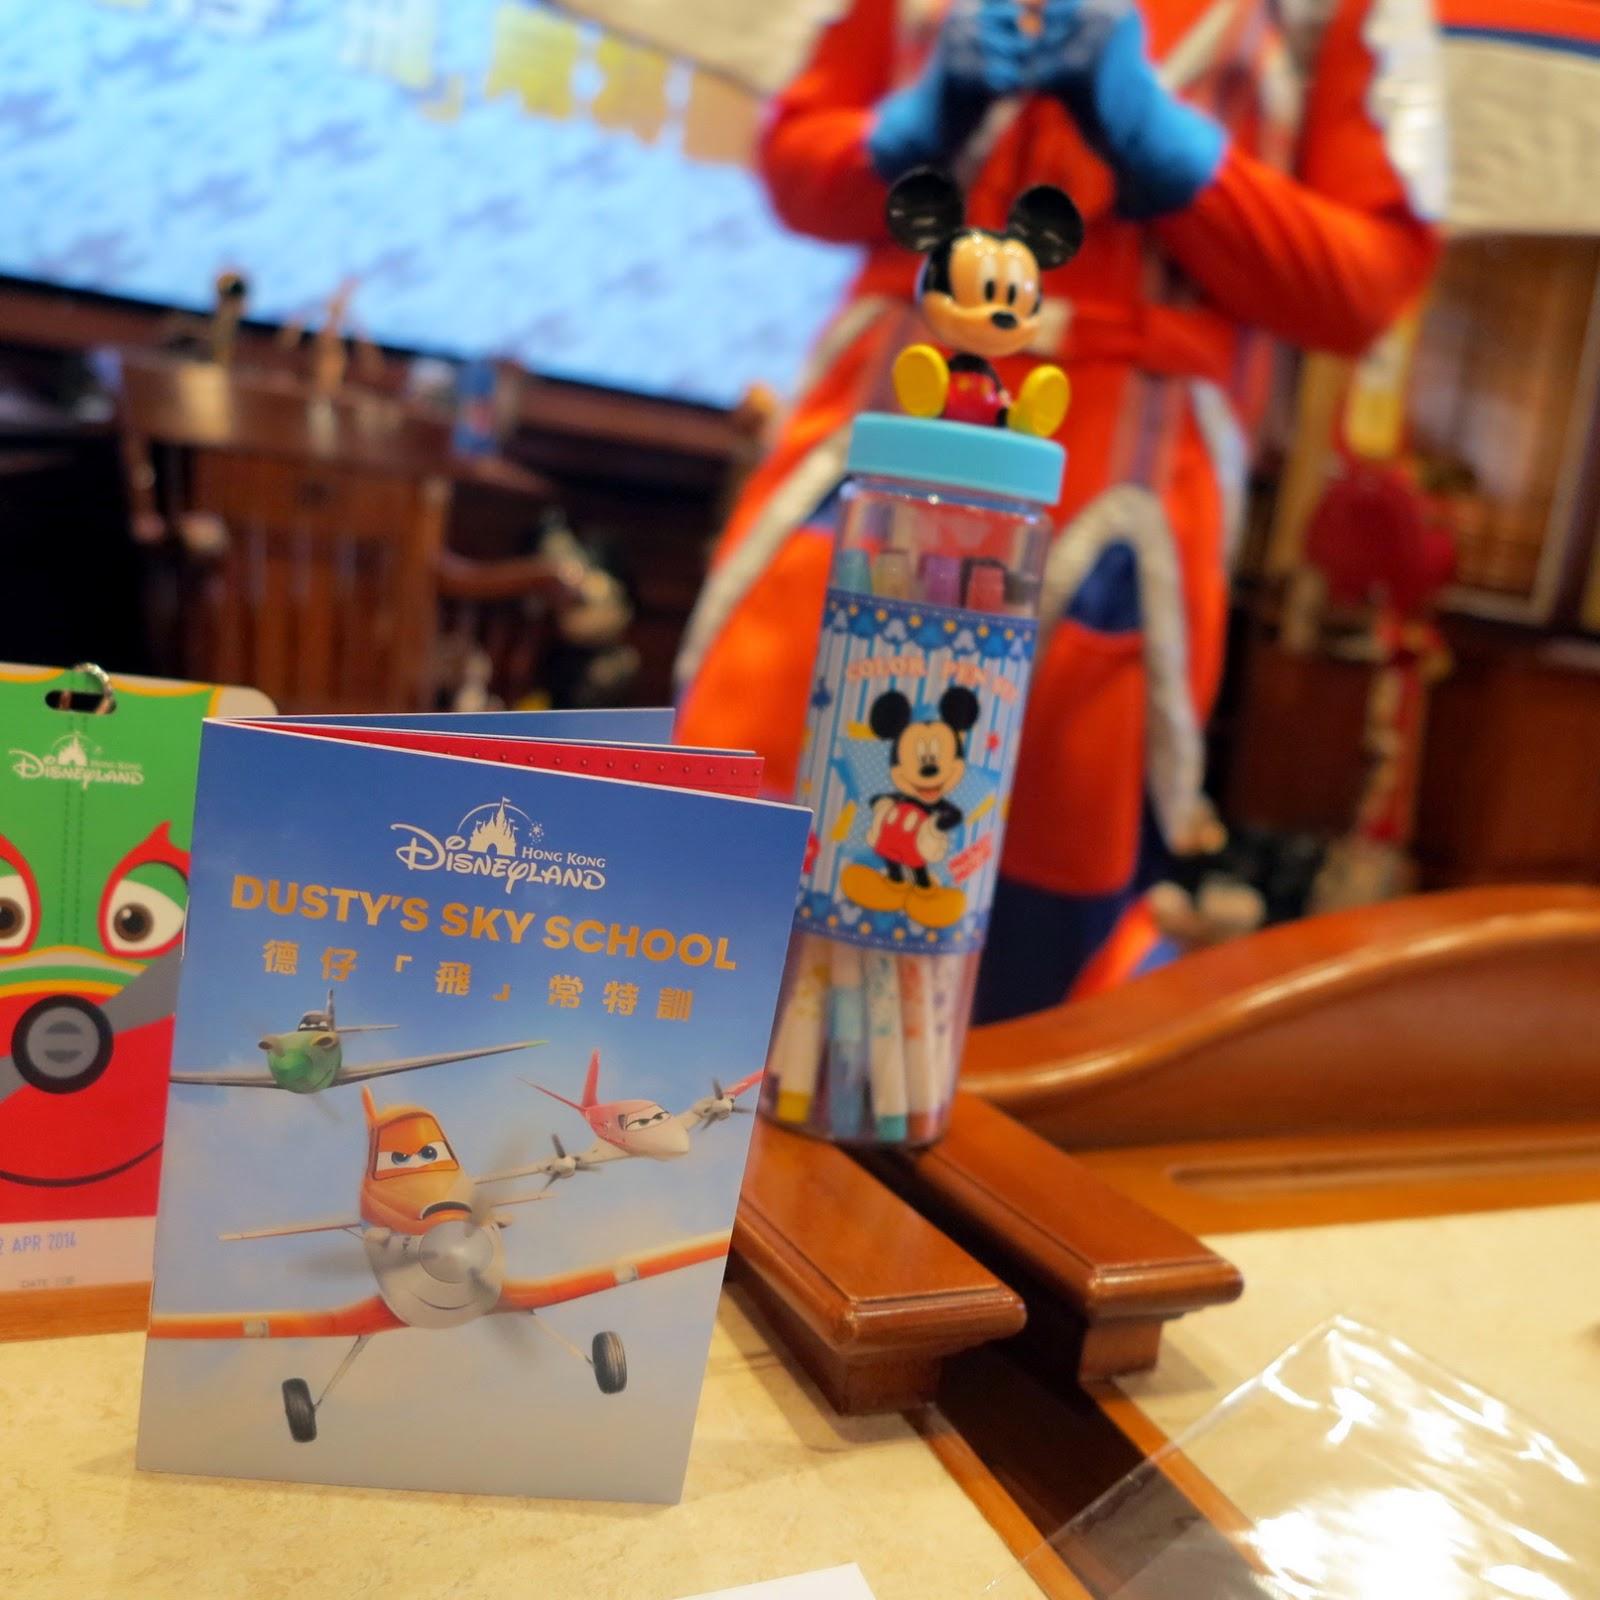 國皇的婚禮: 香港迪士尼樂園 x 迪士尼星級款待- 德仔「飛」常特訓 玩d咩? (Part 1)